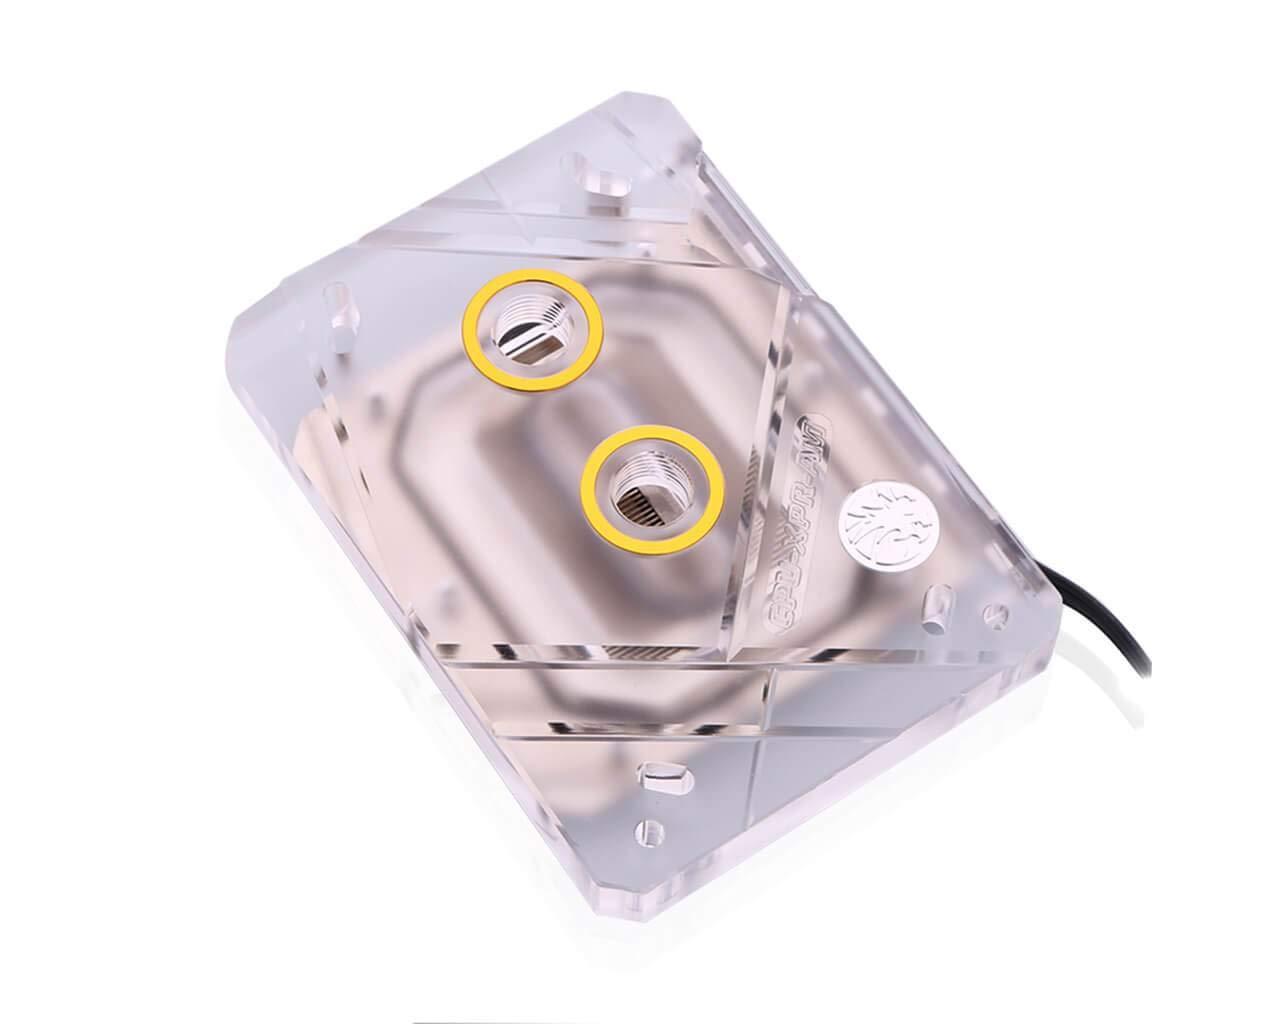 Bykski CPU-XPR-AM-V2 CPU Water Cooling Block - Clear (AM2 / AM3 / AM4)